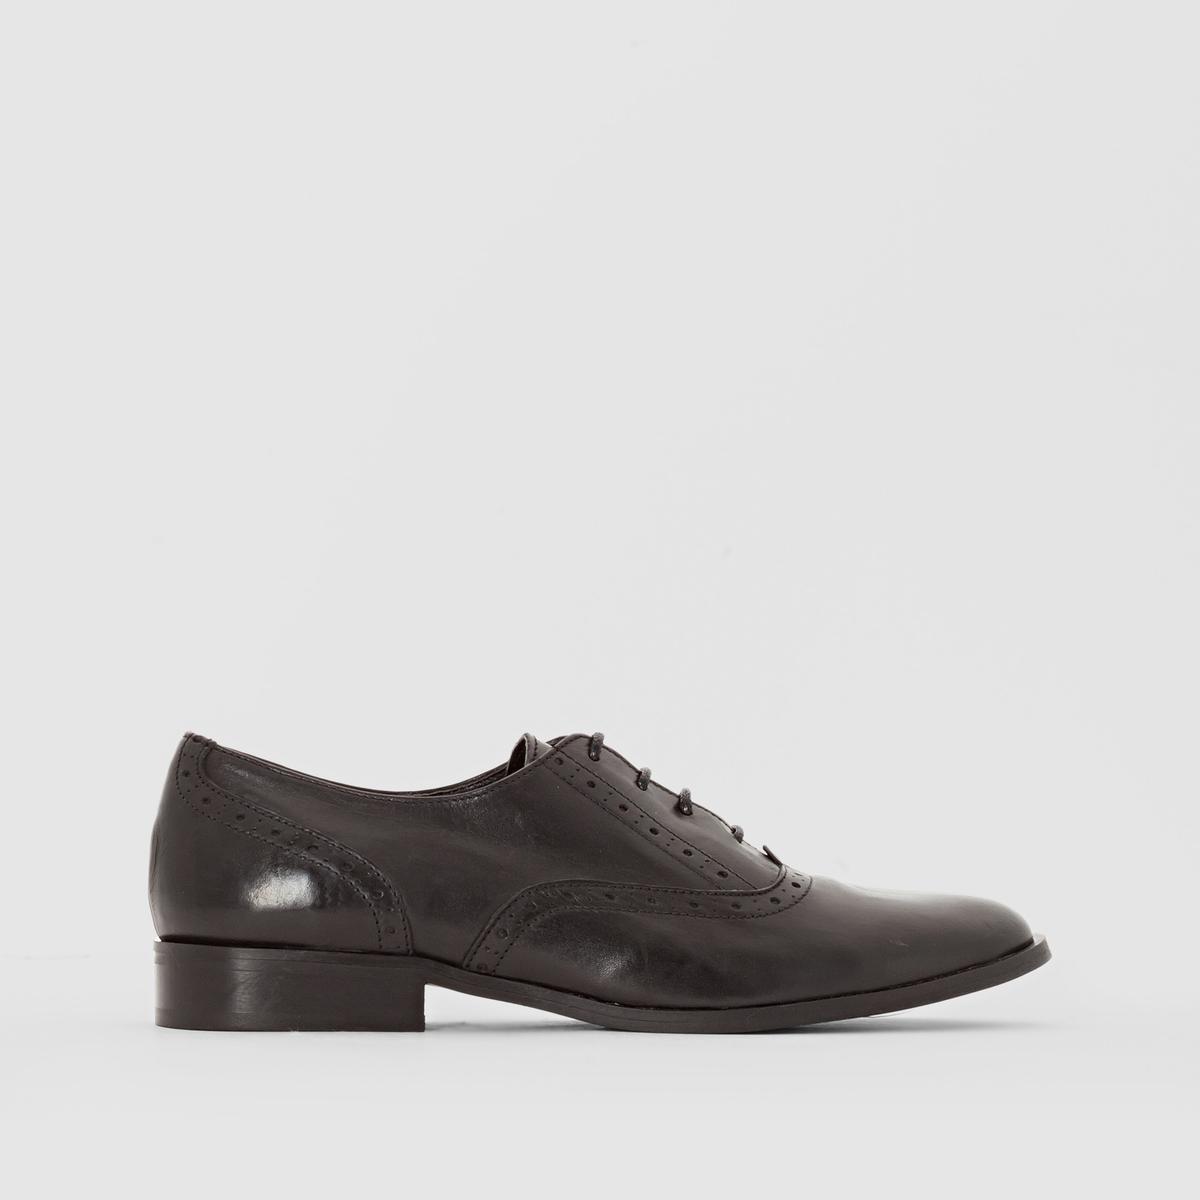 Ботинки-дерби кожаныеПреимущества: перфорированная кожа, стиль нео-ретро, эти ботинки-дерби с лёгкостью будут сочетаться с любыми вашими образами.<br><br>Цвет: черный<br>Размер: 42